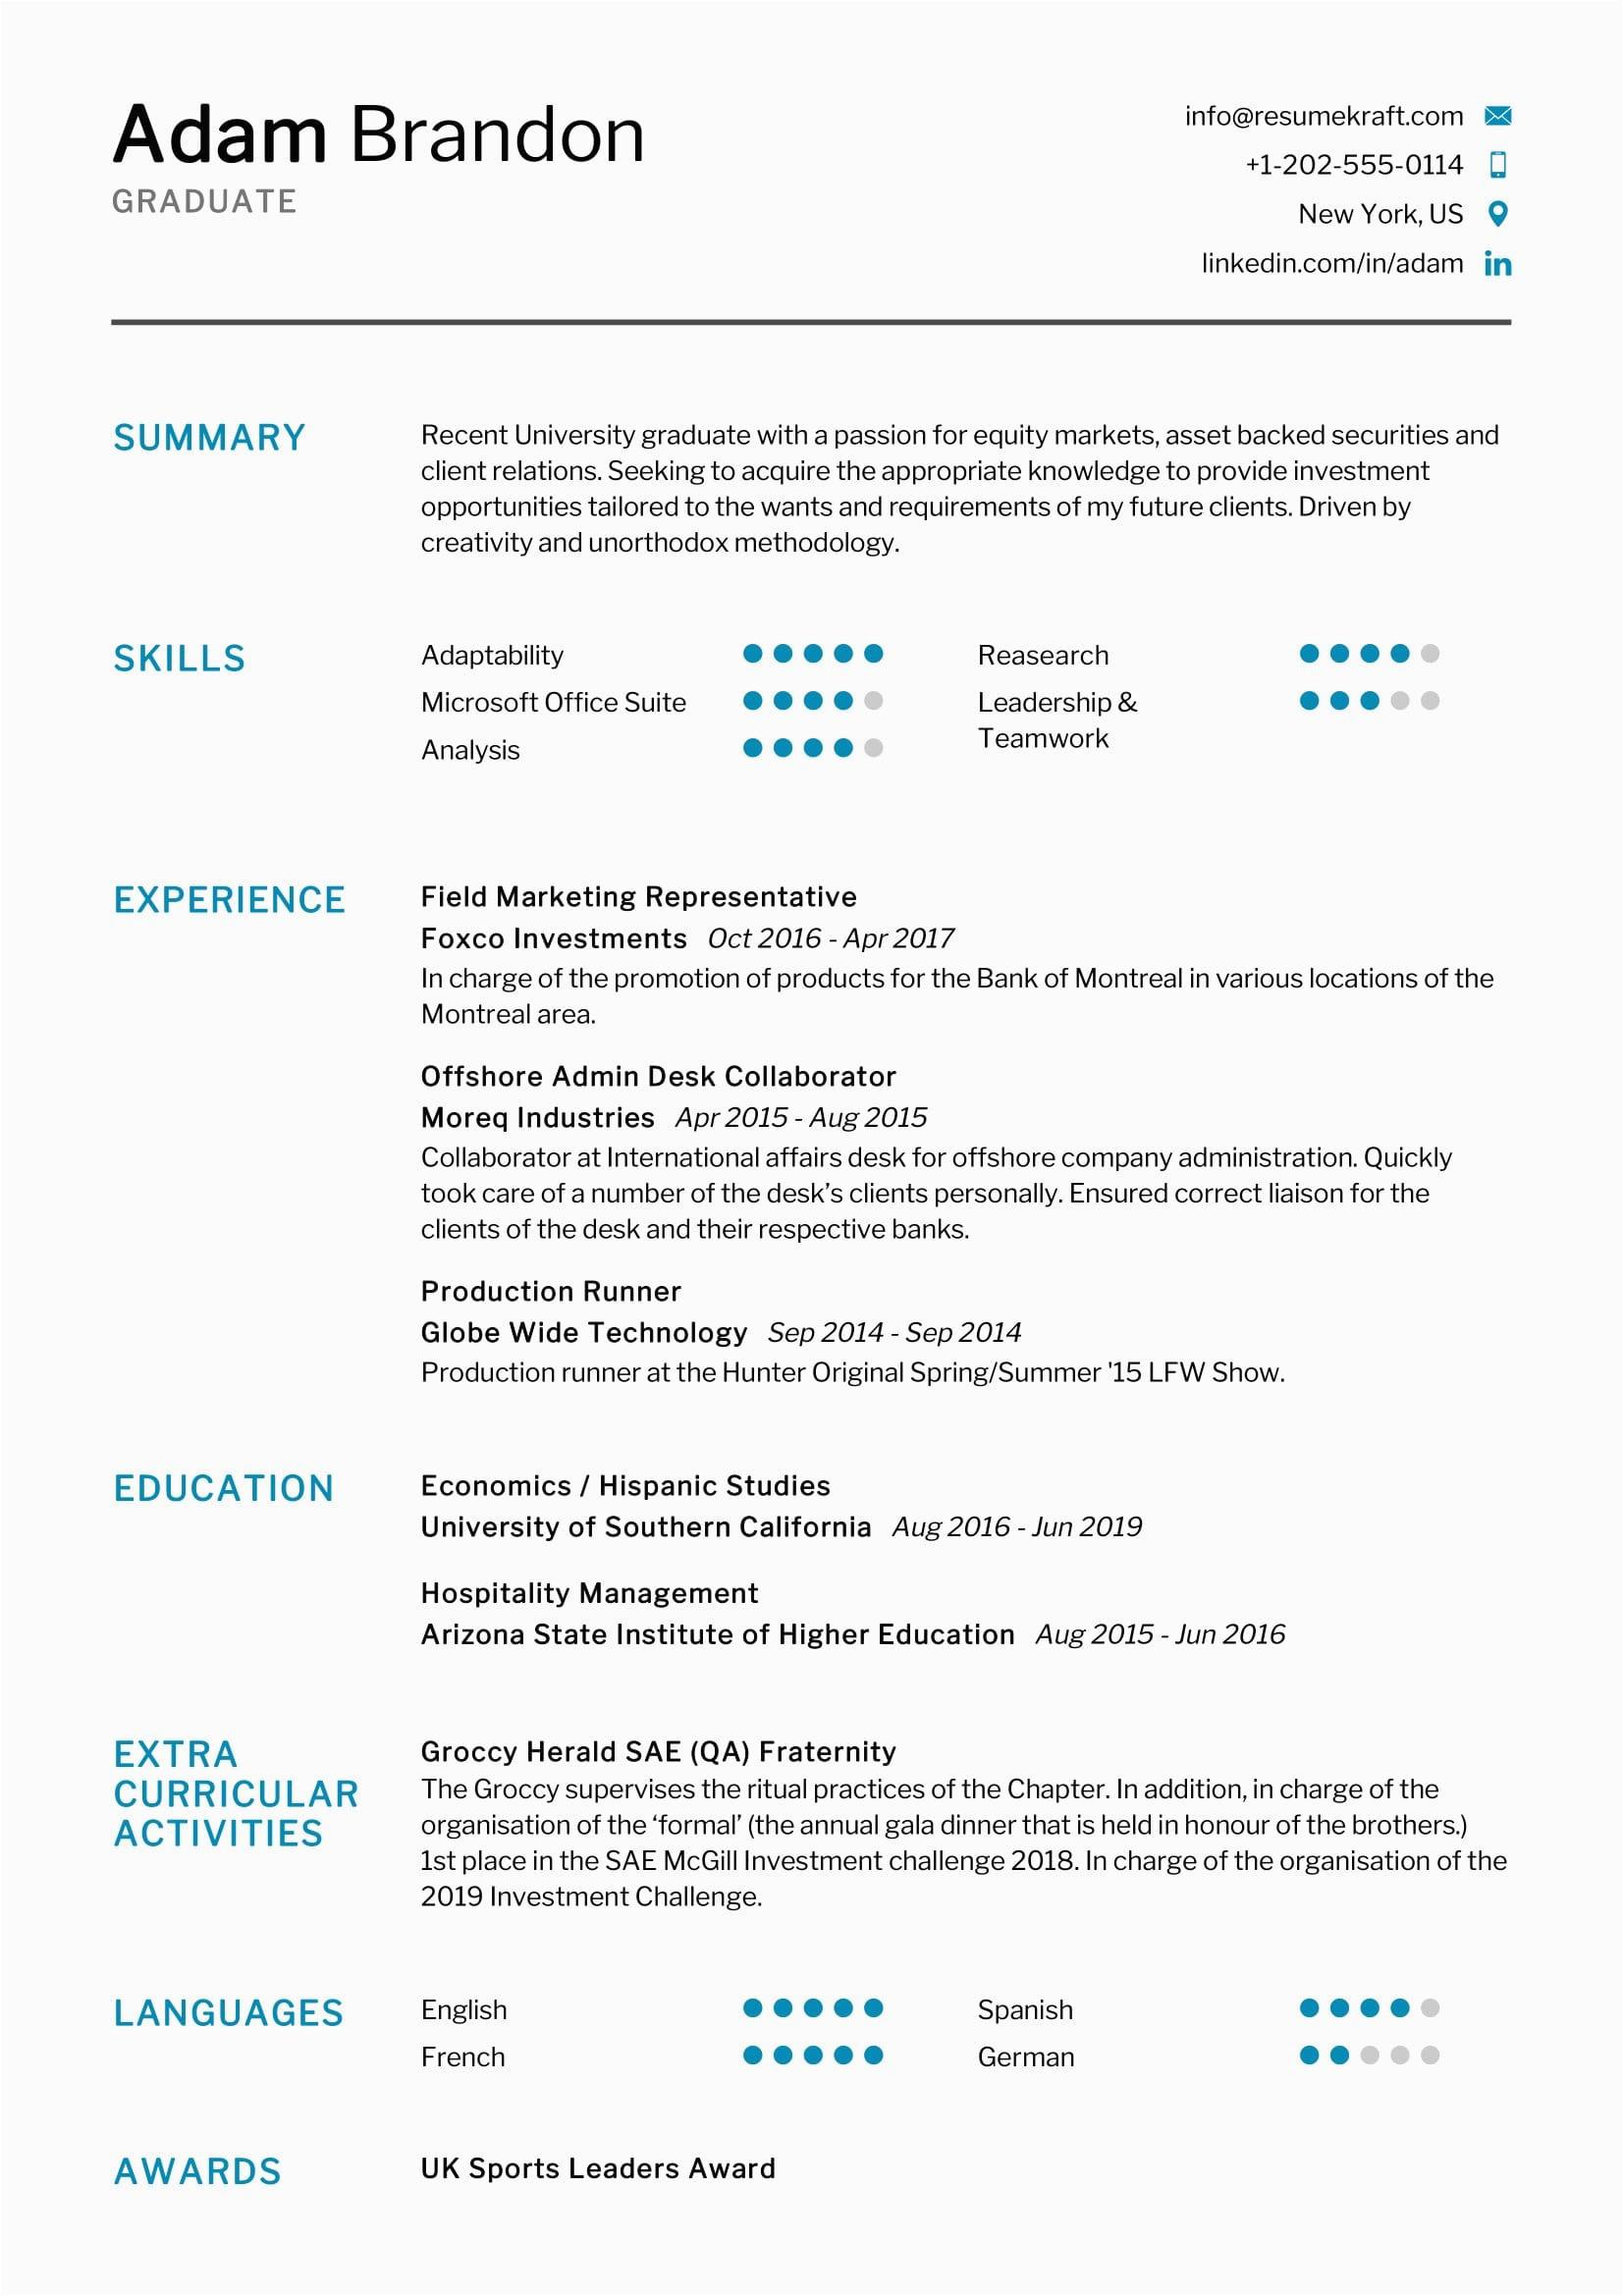 Best Sample Of Resume for Fresh Graduate Fresh Graduate Resume Sample 2021 Resumekraft